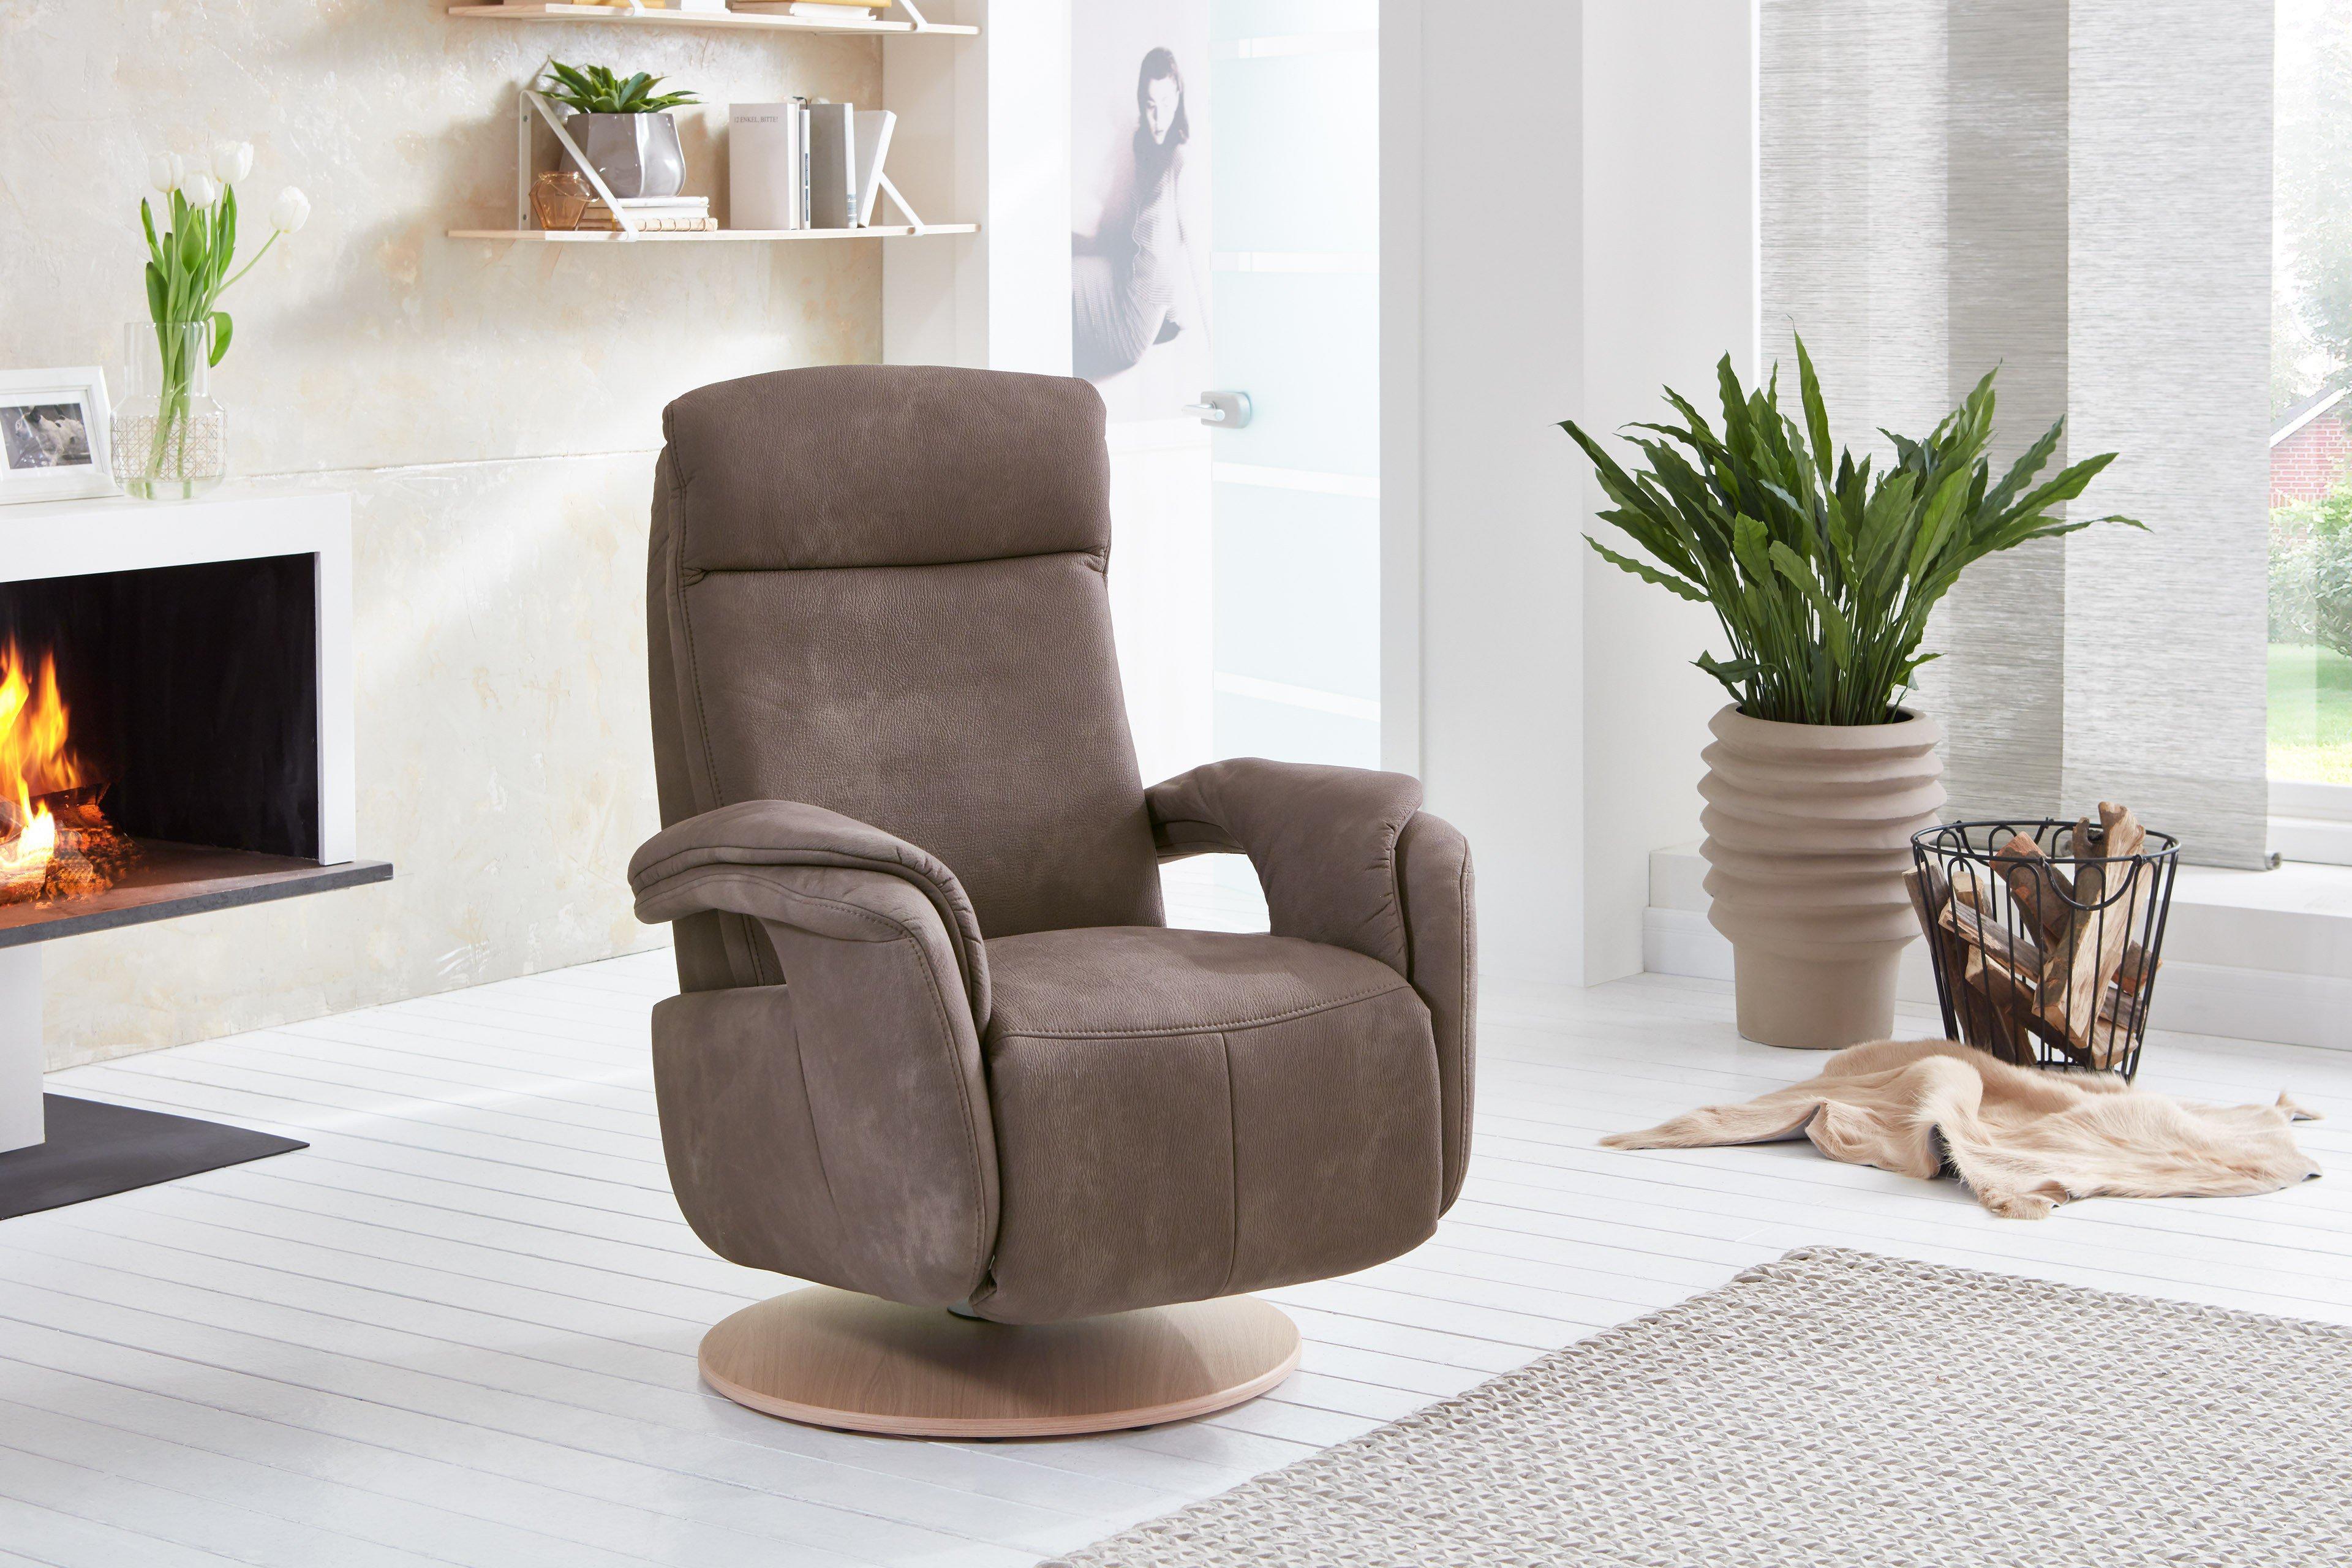 Zehdenick Intro-S Relaxsessel in Braun | Möbel Letz - Ihr Online-Shop